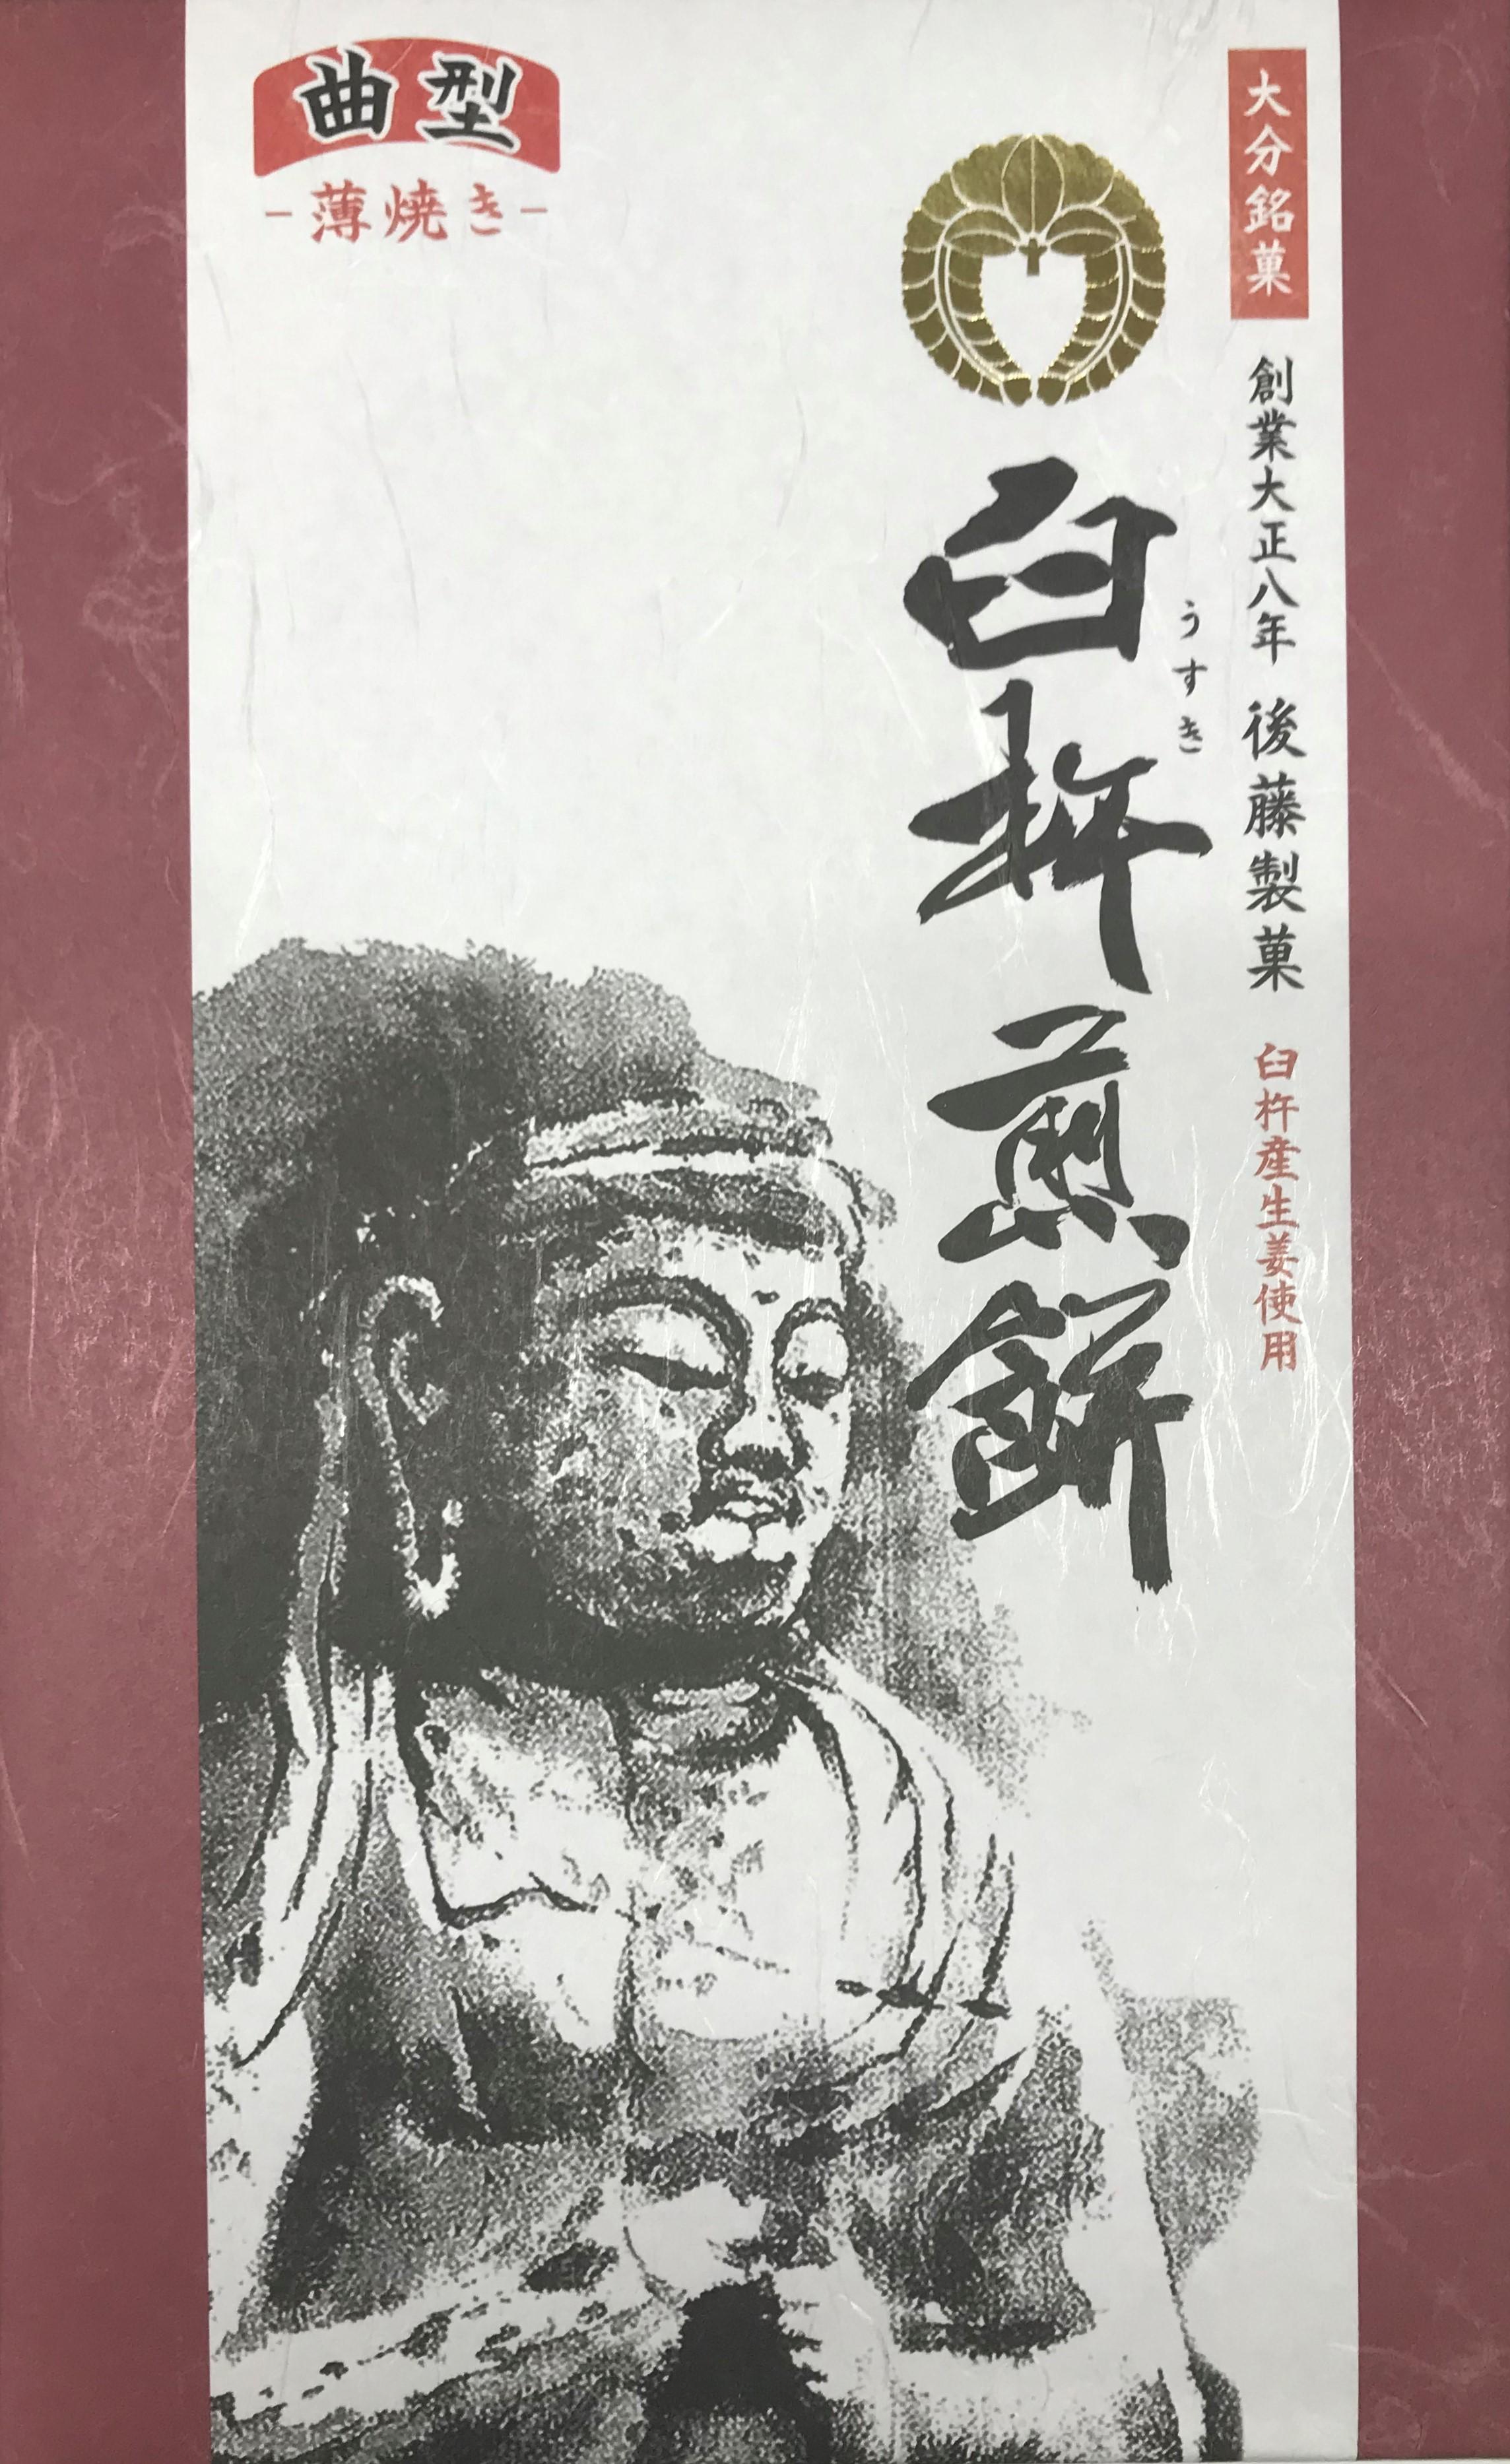 臼杵煎餅(曲18枚)